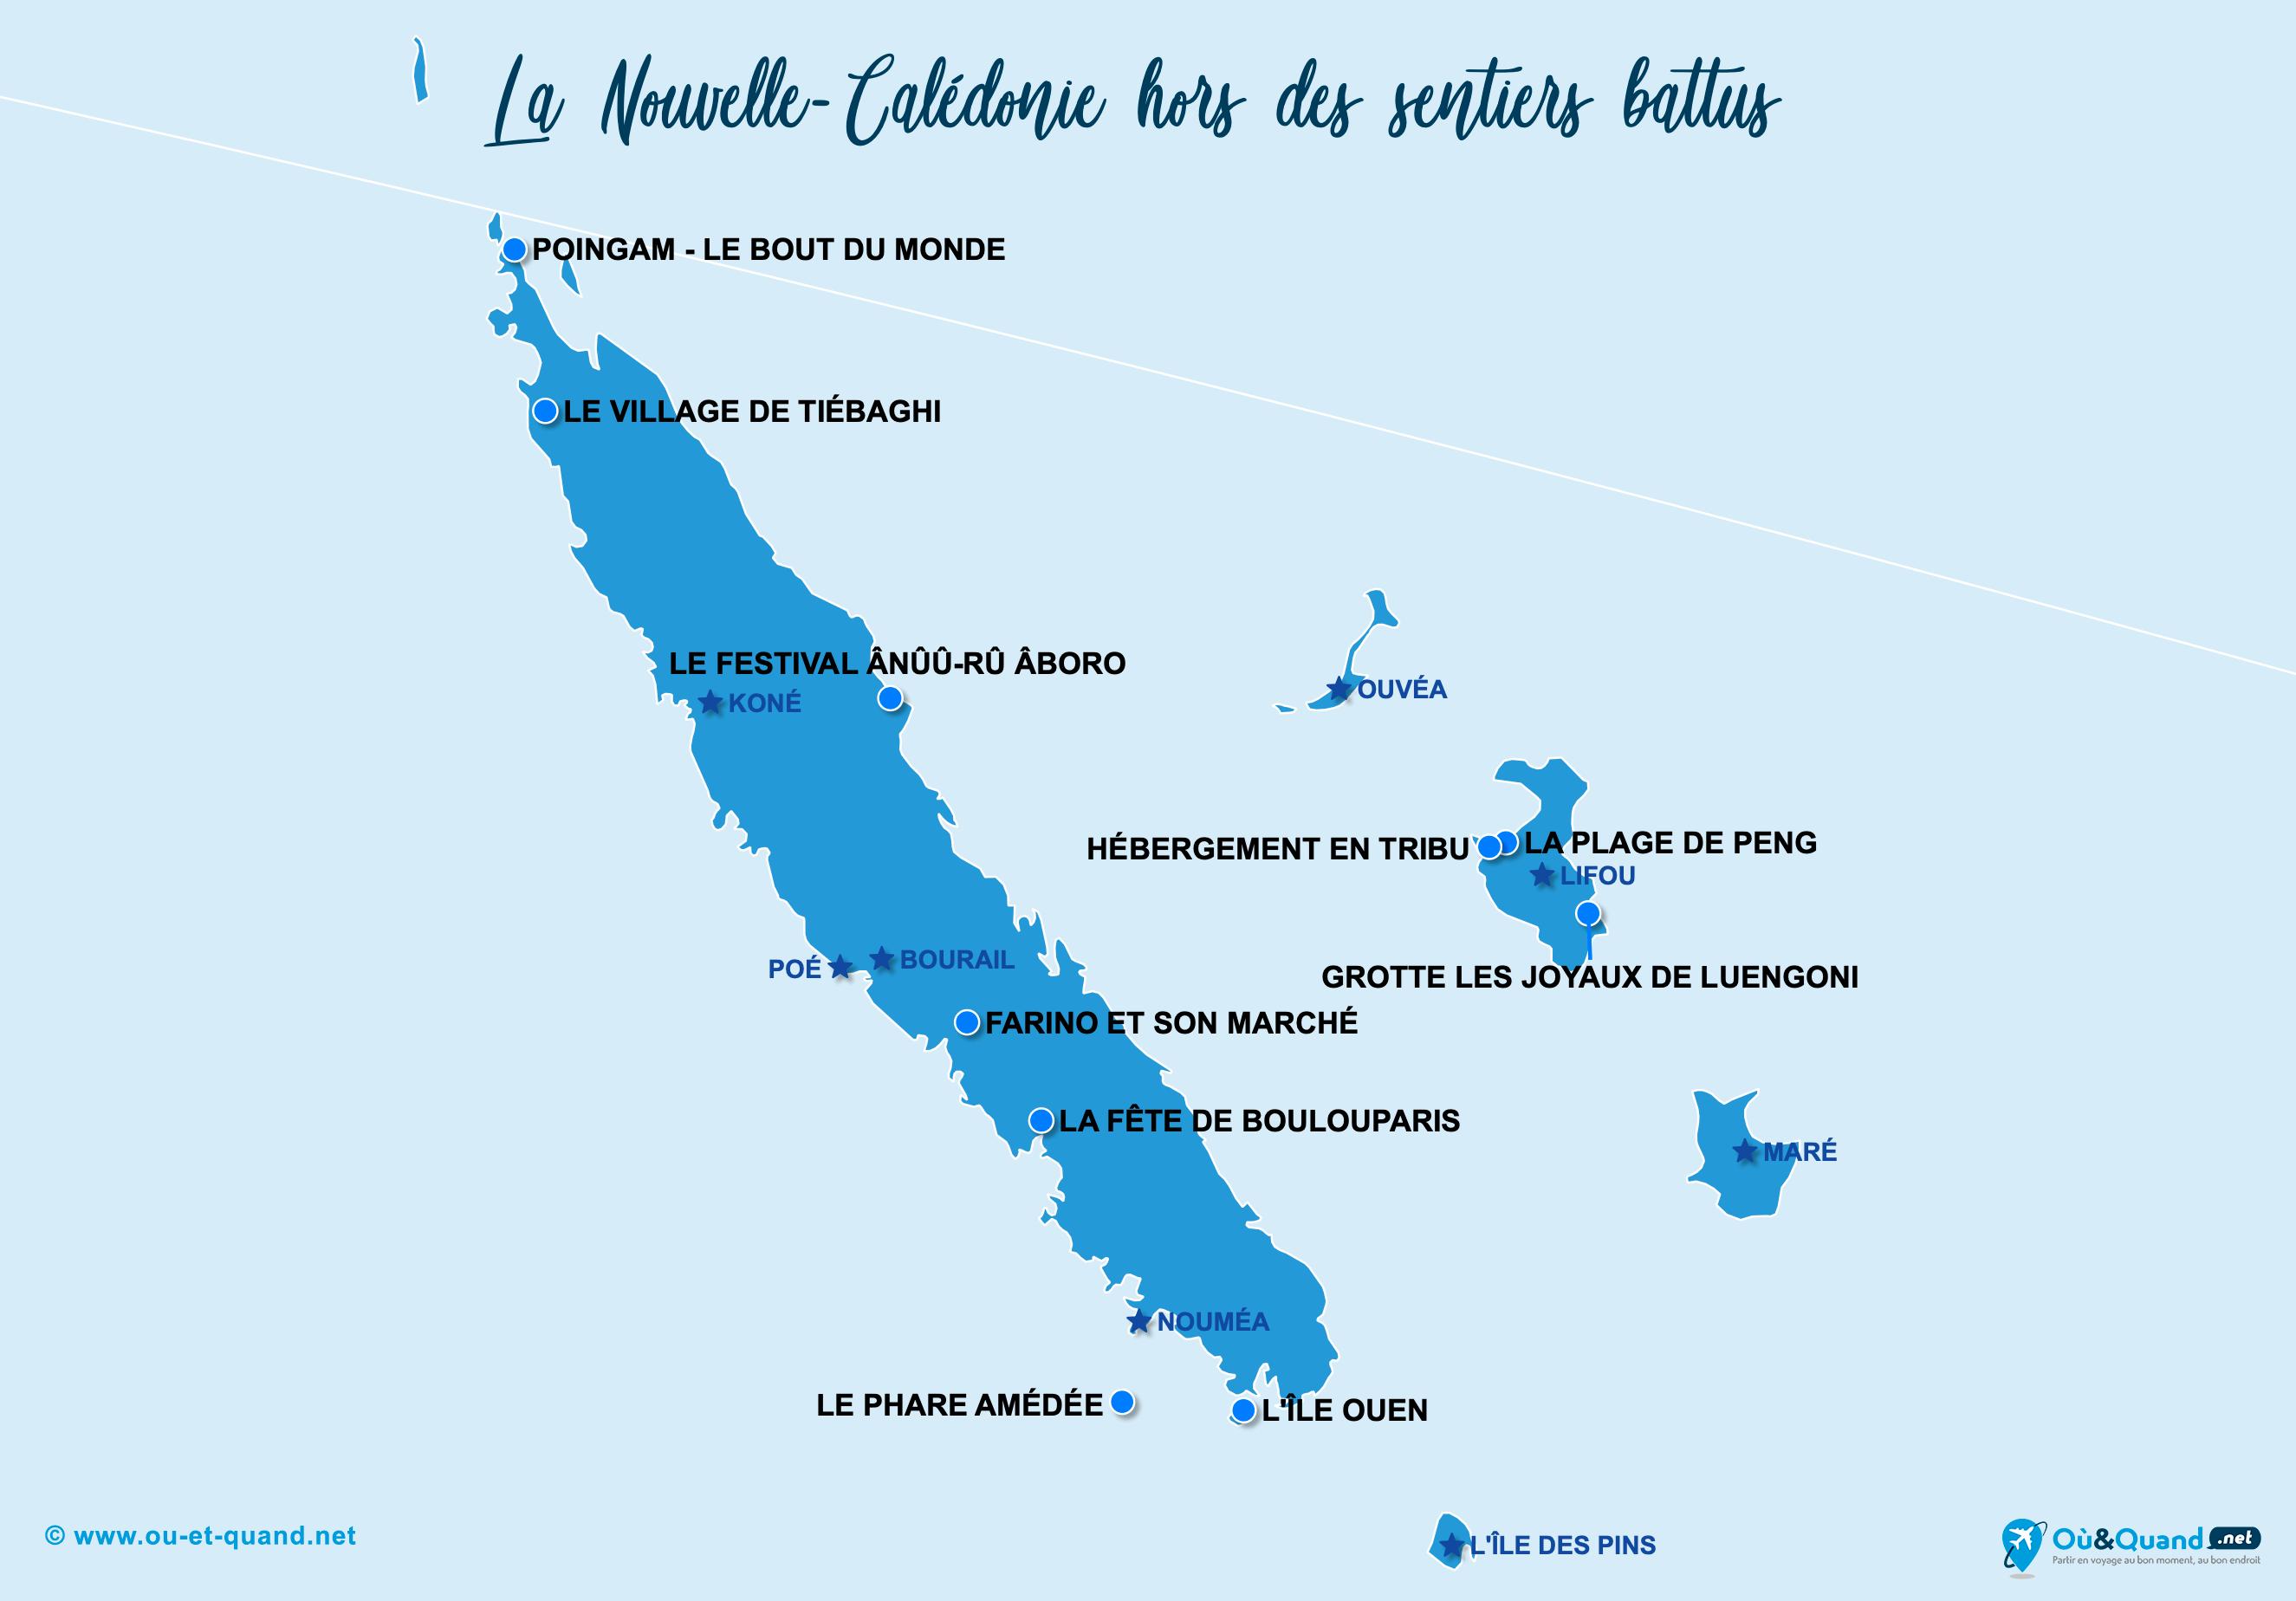 Carte Nouvelle-Calédonie : La Nouvelle-Calédonie hors des sentiers battus